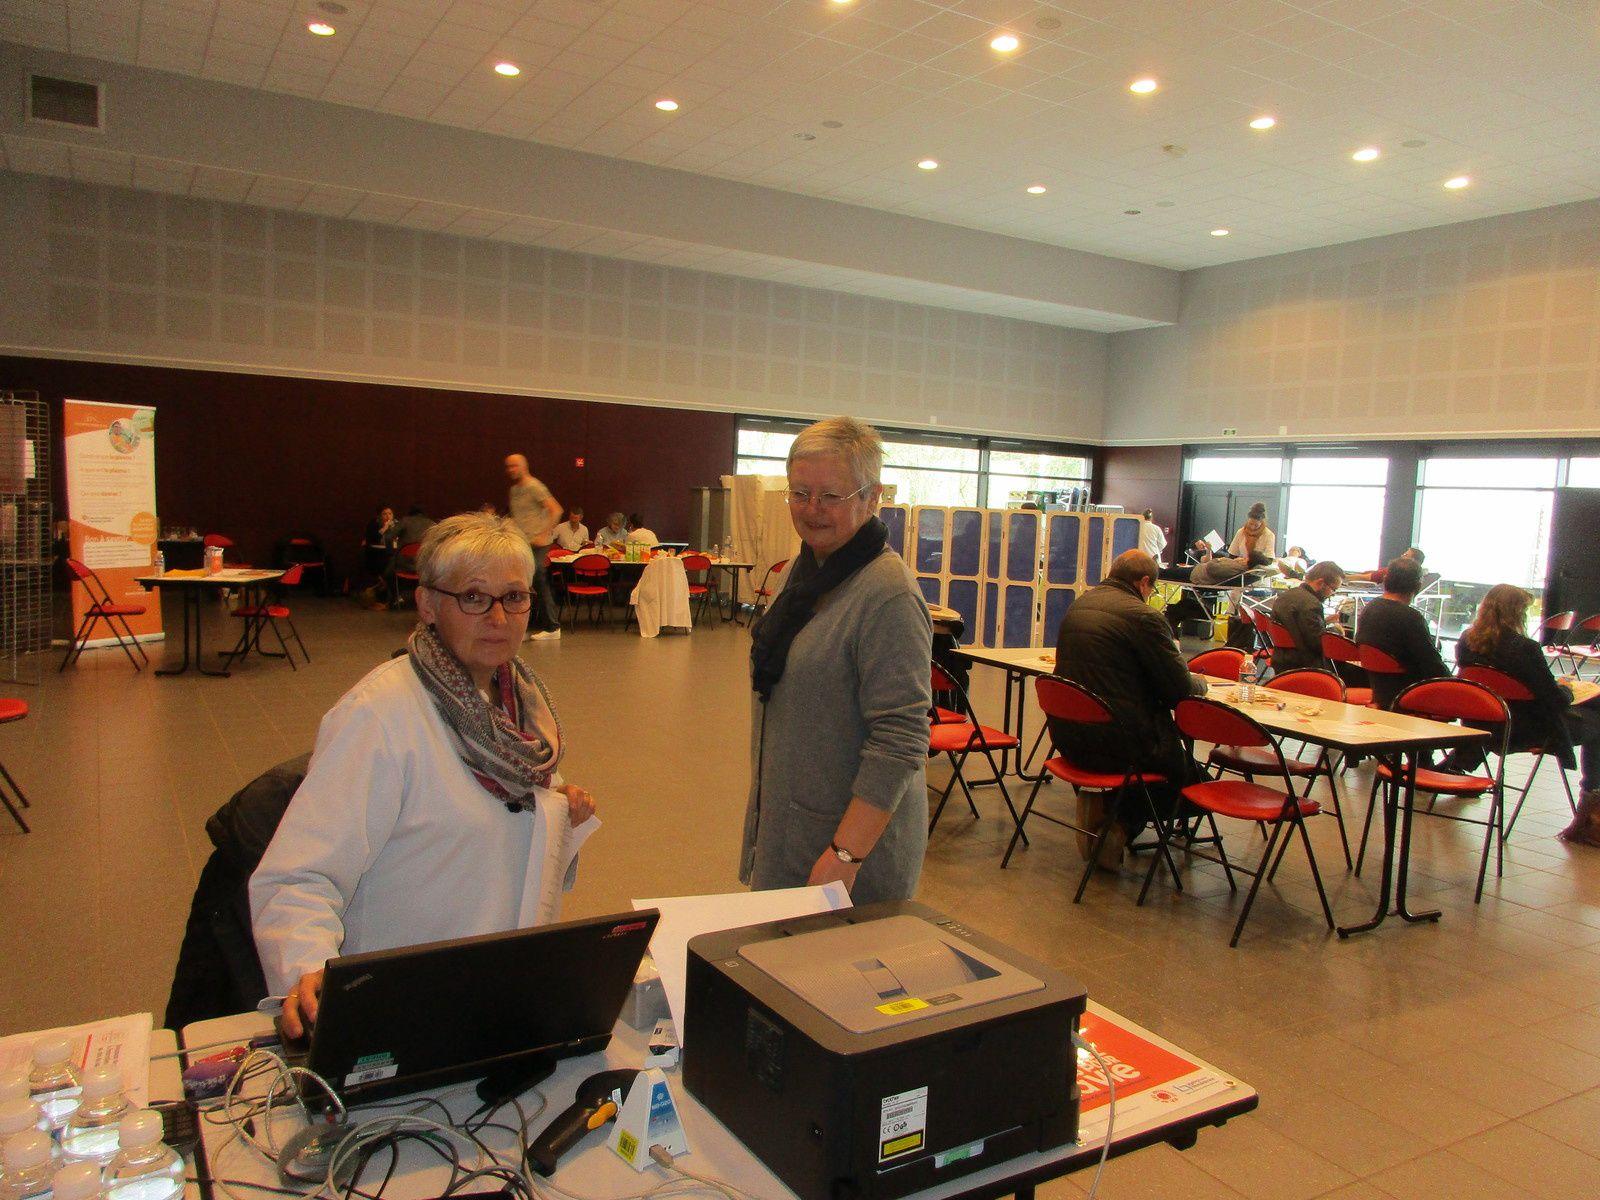 Jeannine responsable de la collecte en compagnie de la secrétaire, puis le stand plasma, enfin Jeannine et les bénévoles pour la collation